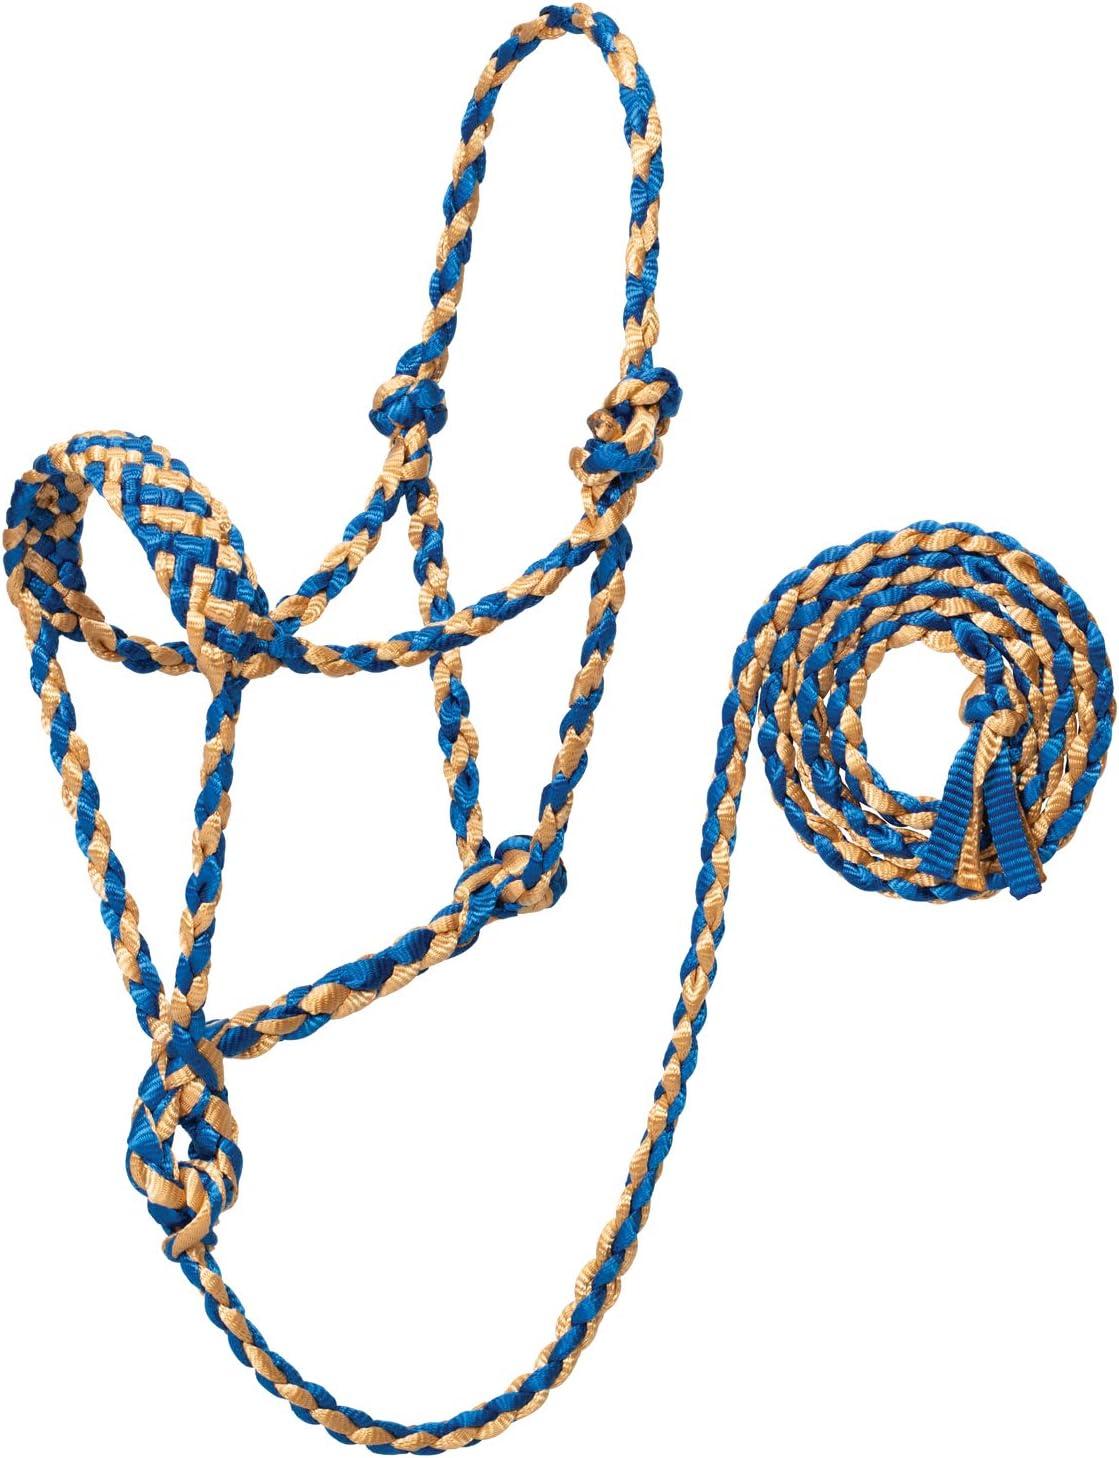 Weaver レザー編みロープホルター 6フィートのリード付き 平均